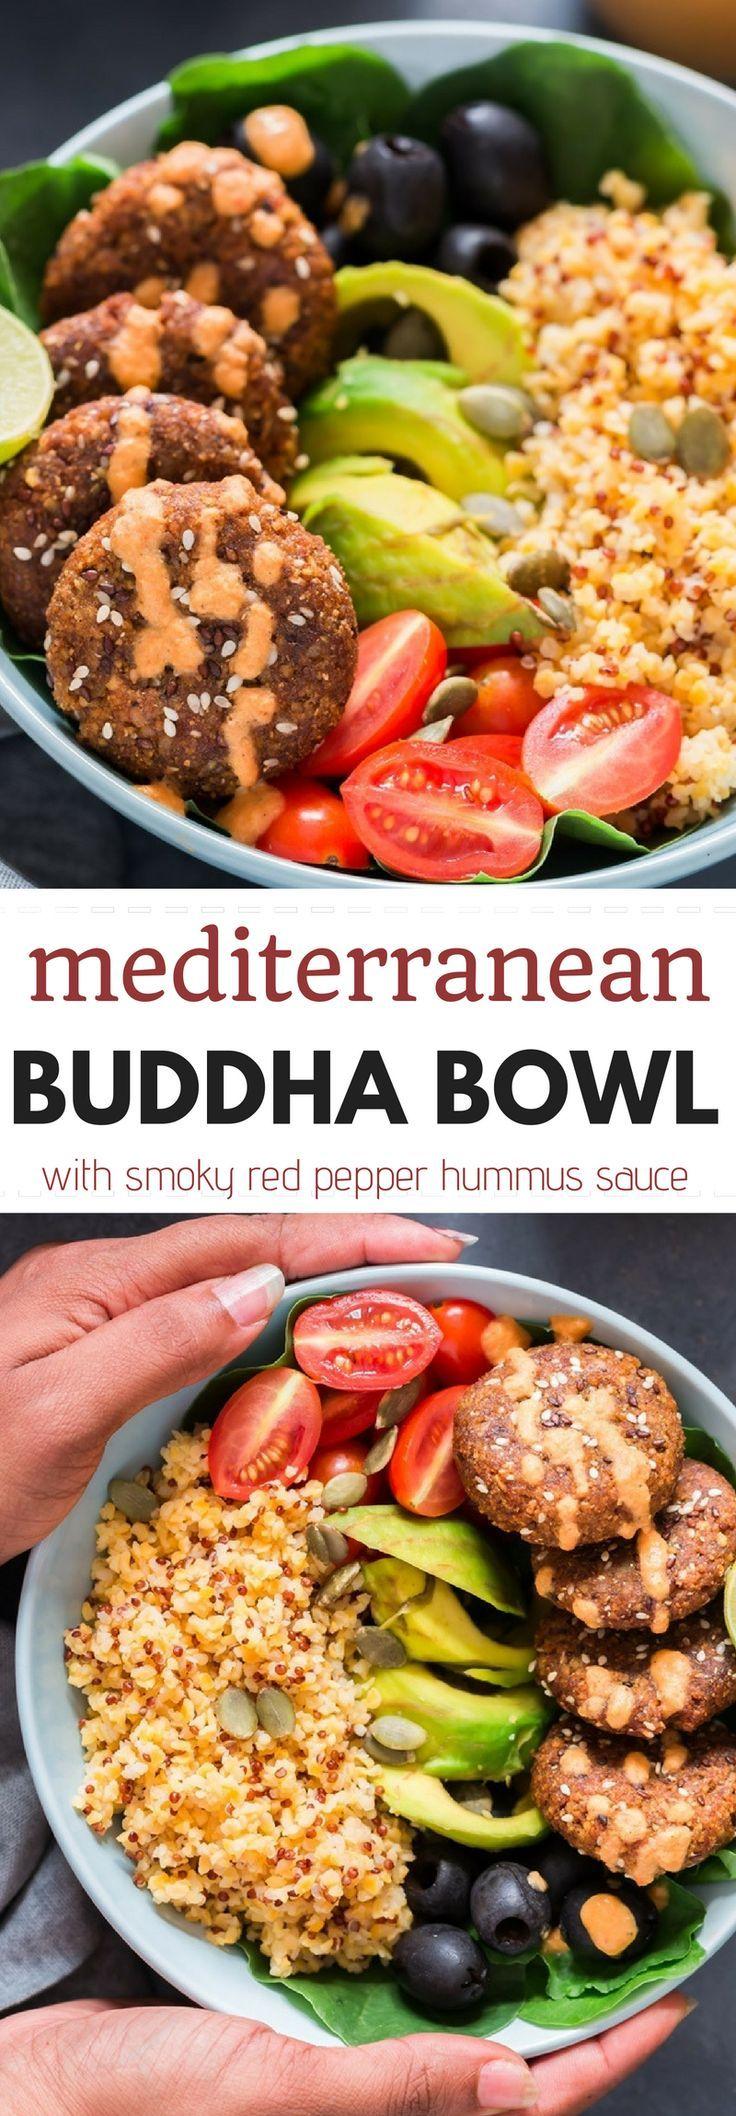 Mediterranean Vegan Buddha Bowl With Falafels And Hummus Dressing Vegan Gluten Free Dairy Free